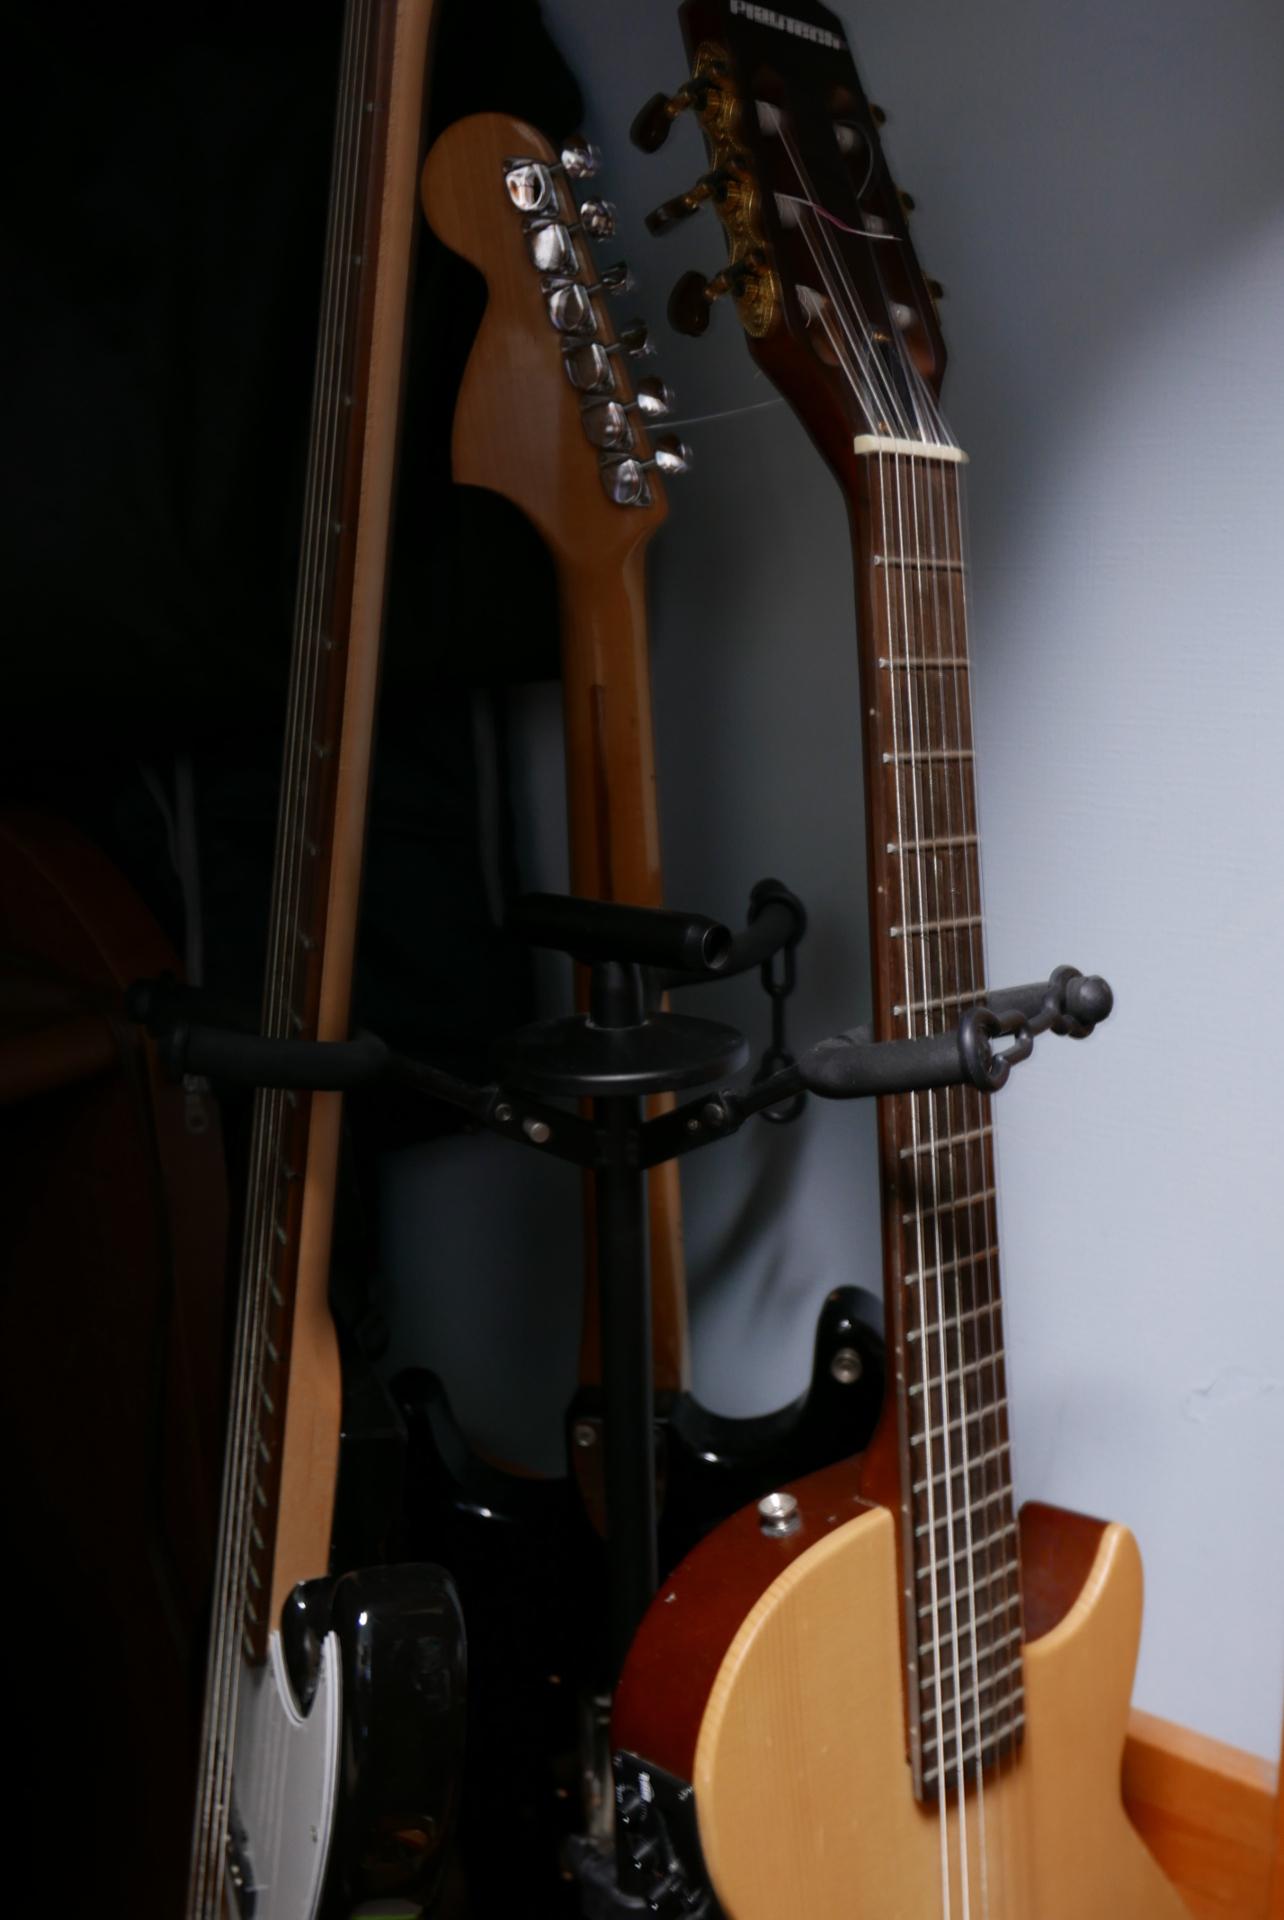 2:ギターベース類